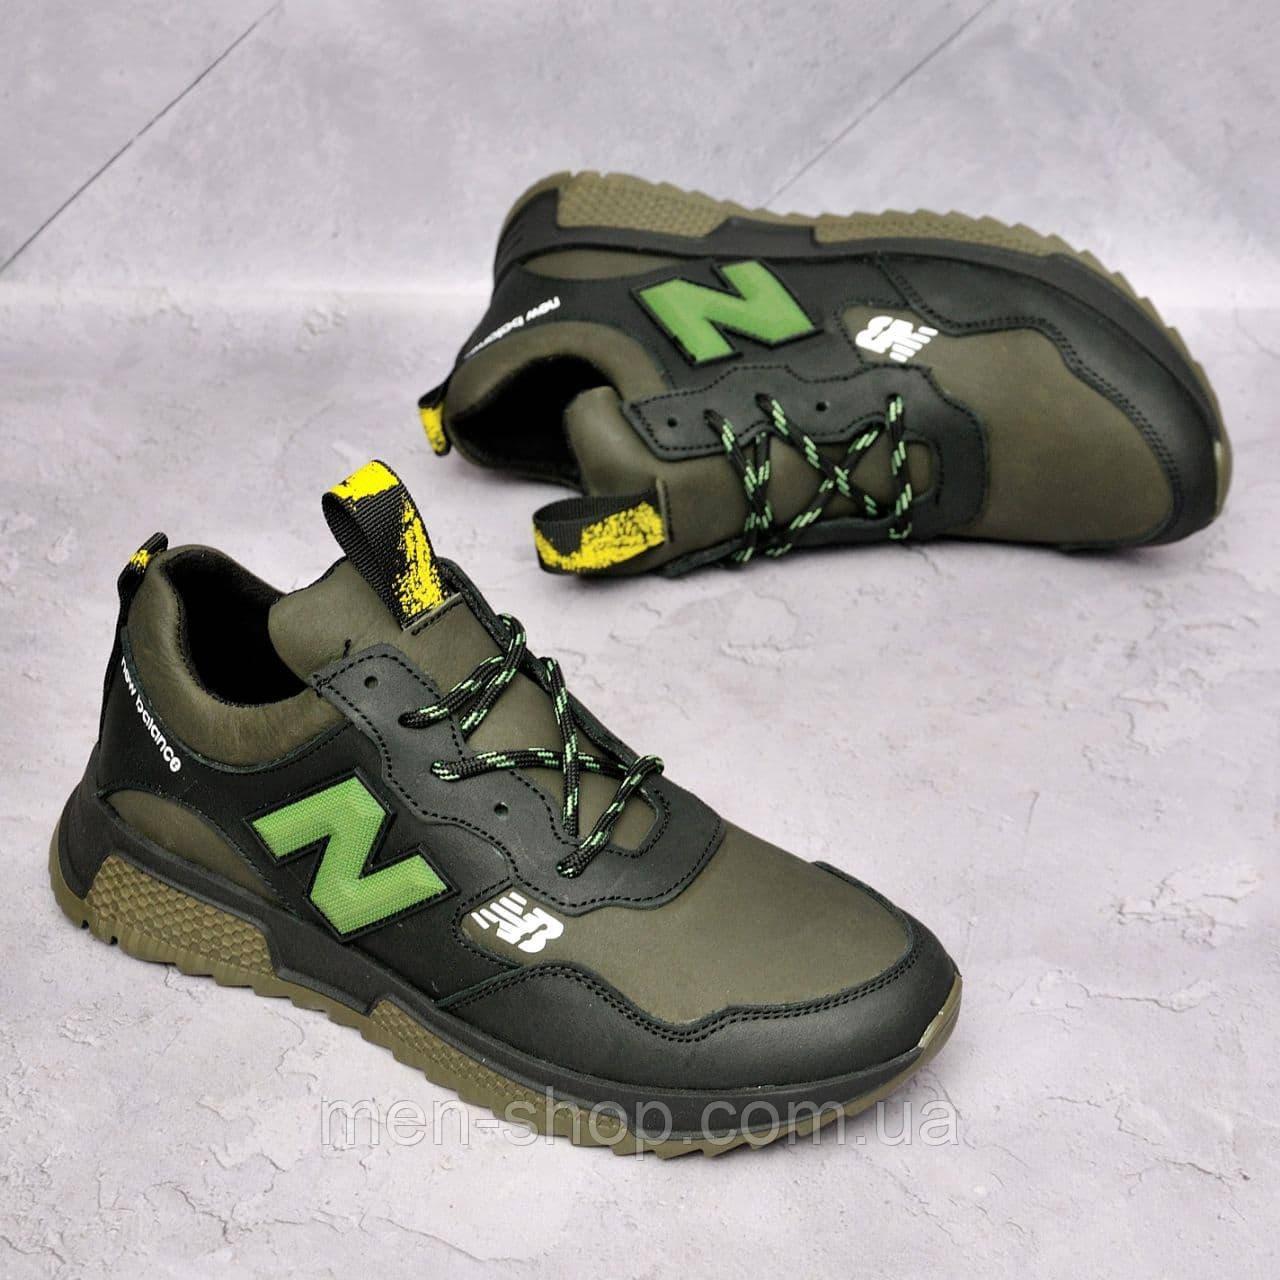 Чоловічі шкіряні кросівки New Balance